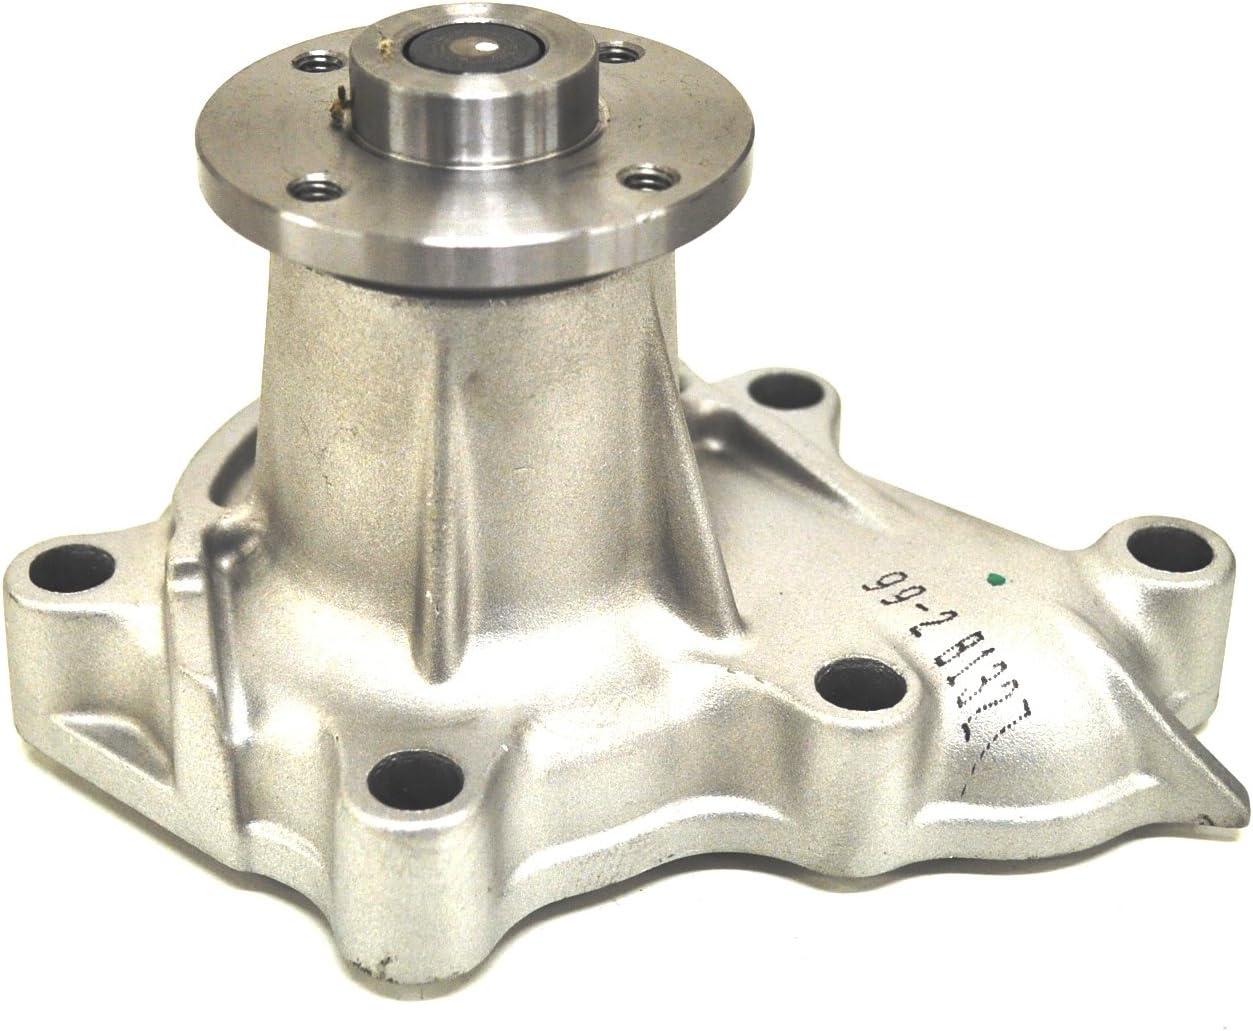 FMI 20781 Premium Performance New Water Pump